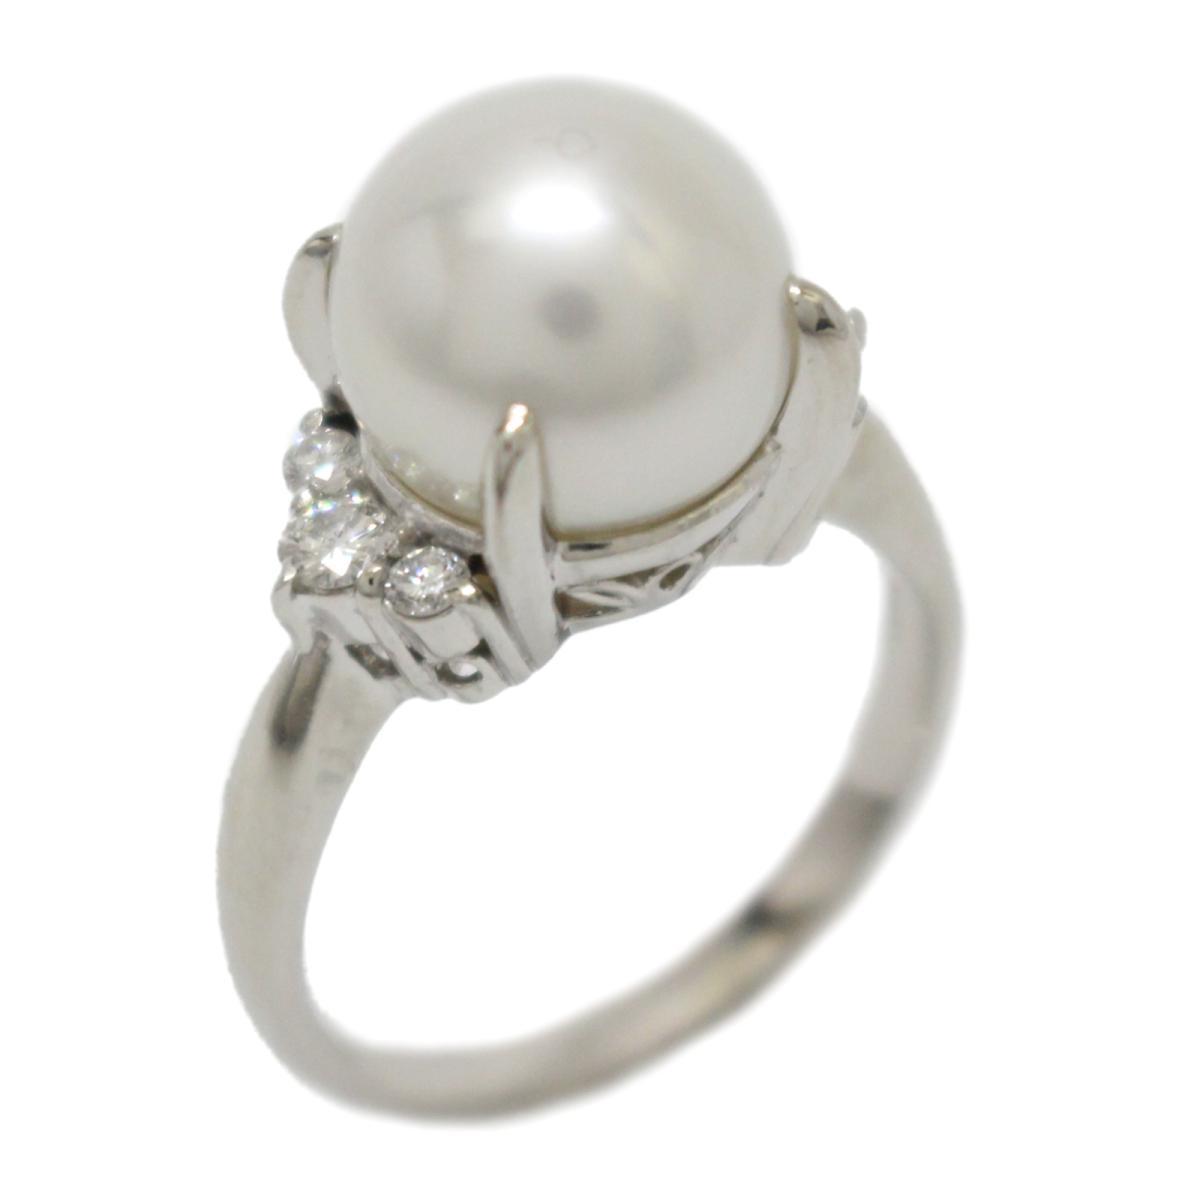 【中古】 ジュエリー パール リング 指輪 レディース K18YG (750) イエローゴールド | JEWELRY BRANDOFF ブランドオフ ブランド アクセサリー